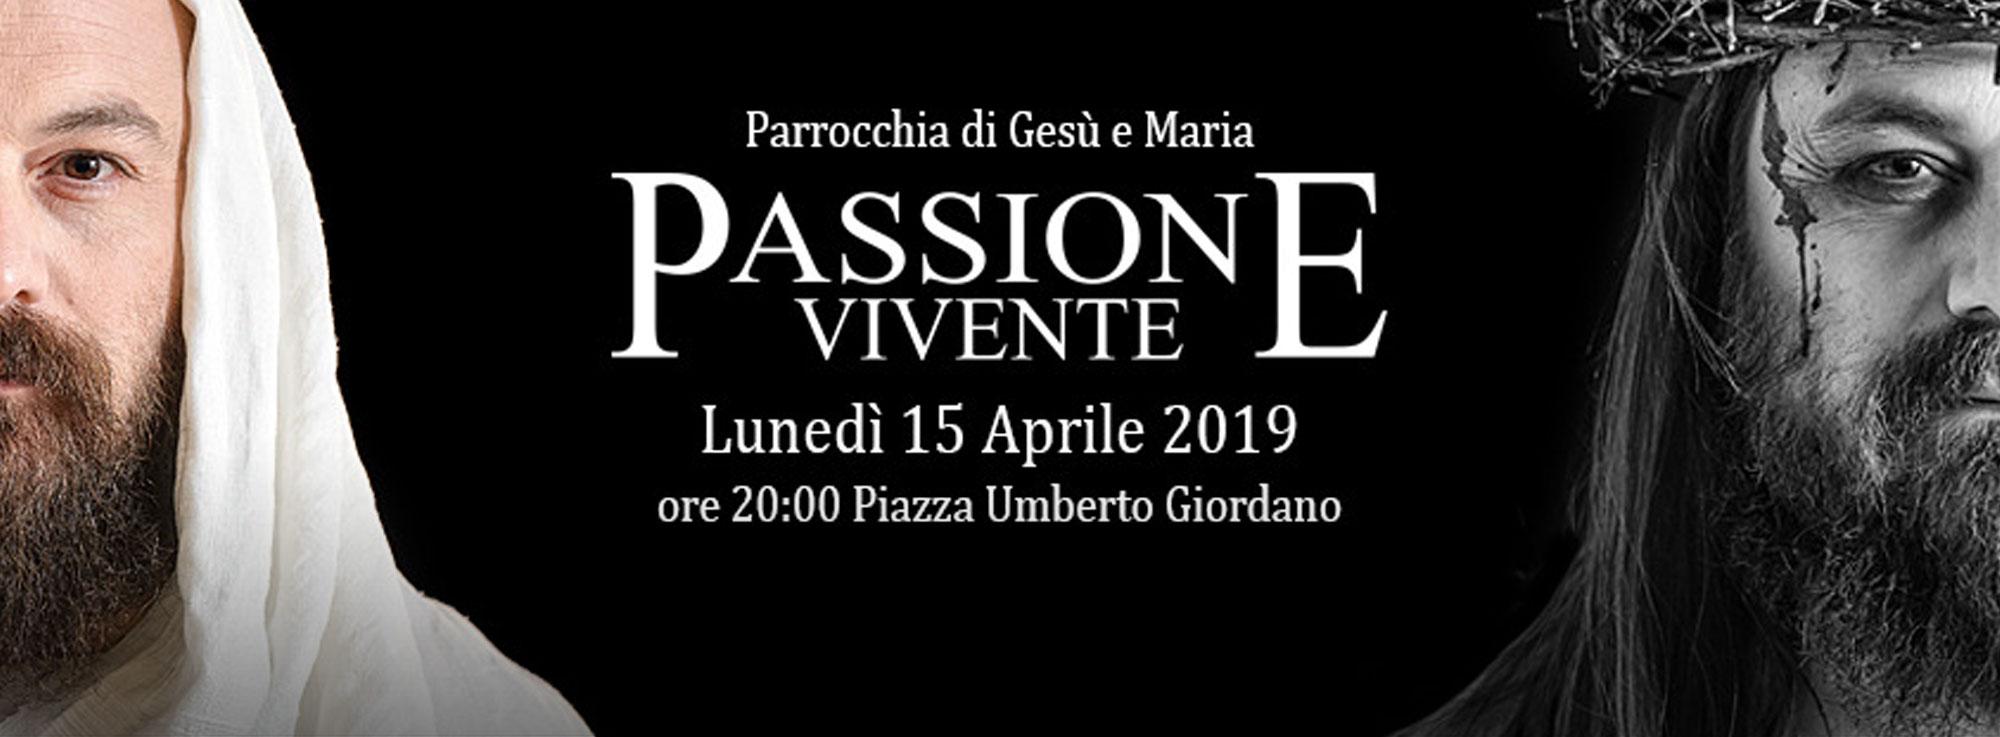 Foggia: Passione Vivente